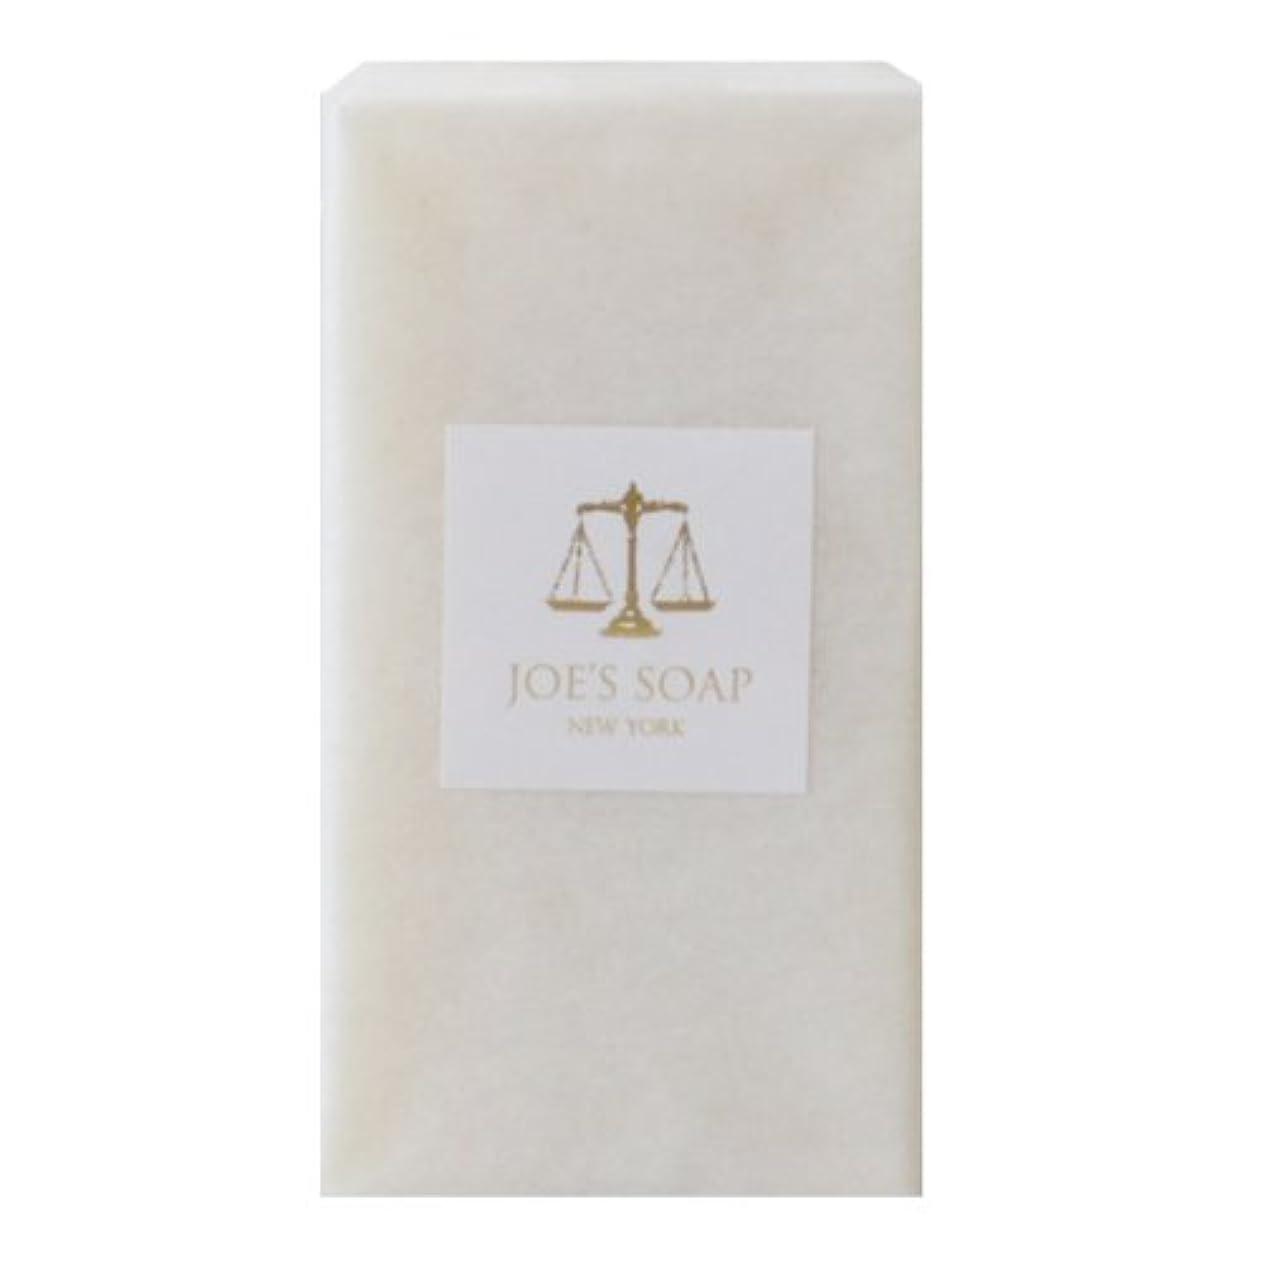 ご意見嘆願ストリームJOE'S SOAP ジョーズソープ オリーブソープ NO.1 100g 石鹸 無香料 無添加 オーガニックソープ 洗顔料 オリーブ石けん せっけん 固形 宅配便